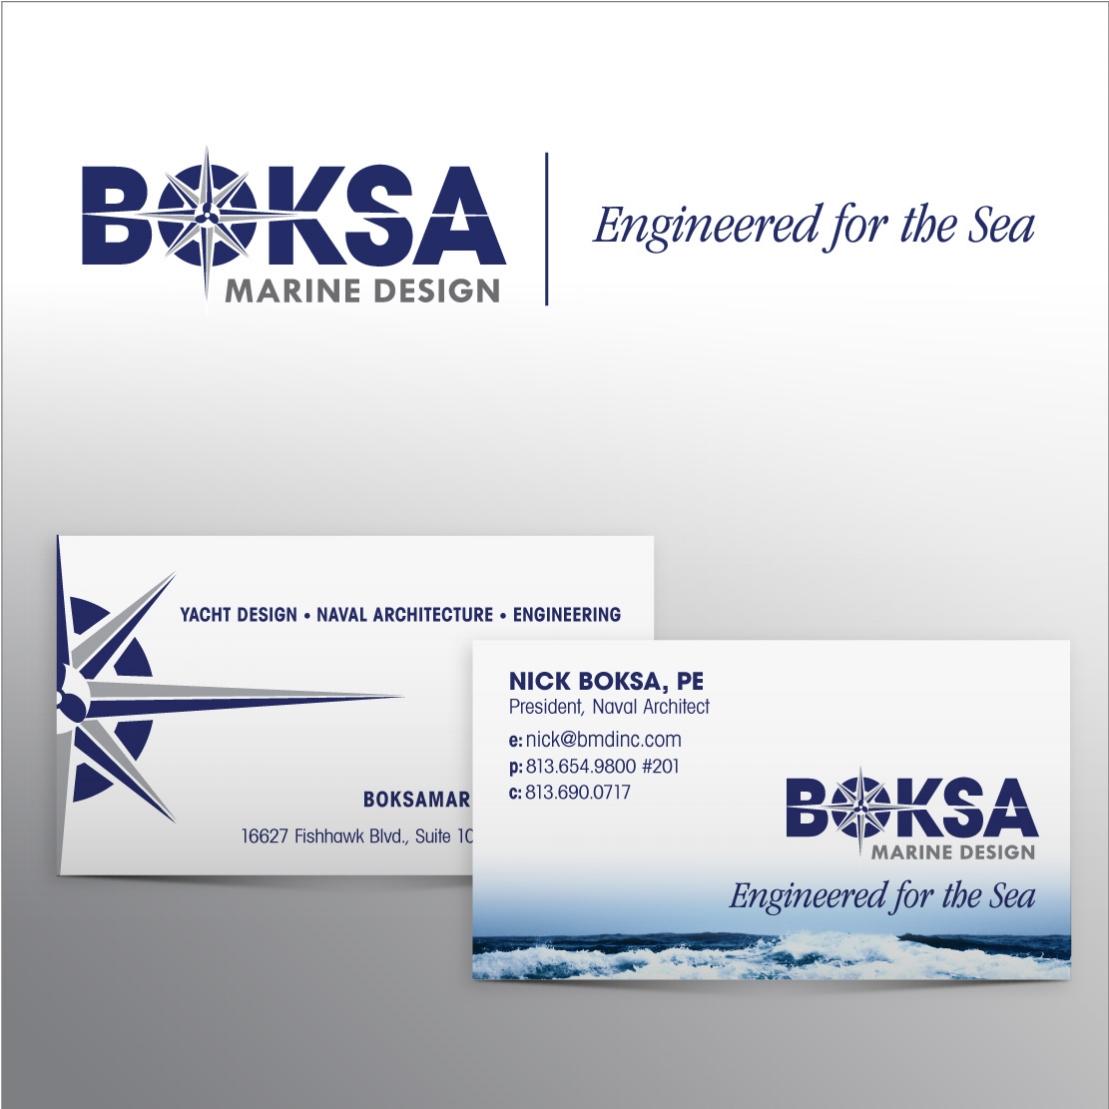 Boksa_logo_and_BC_mockup.jpg